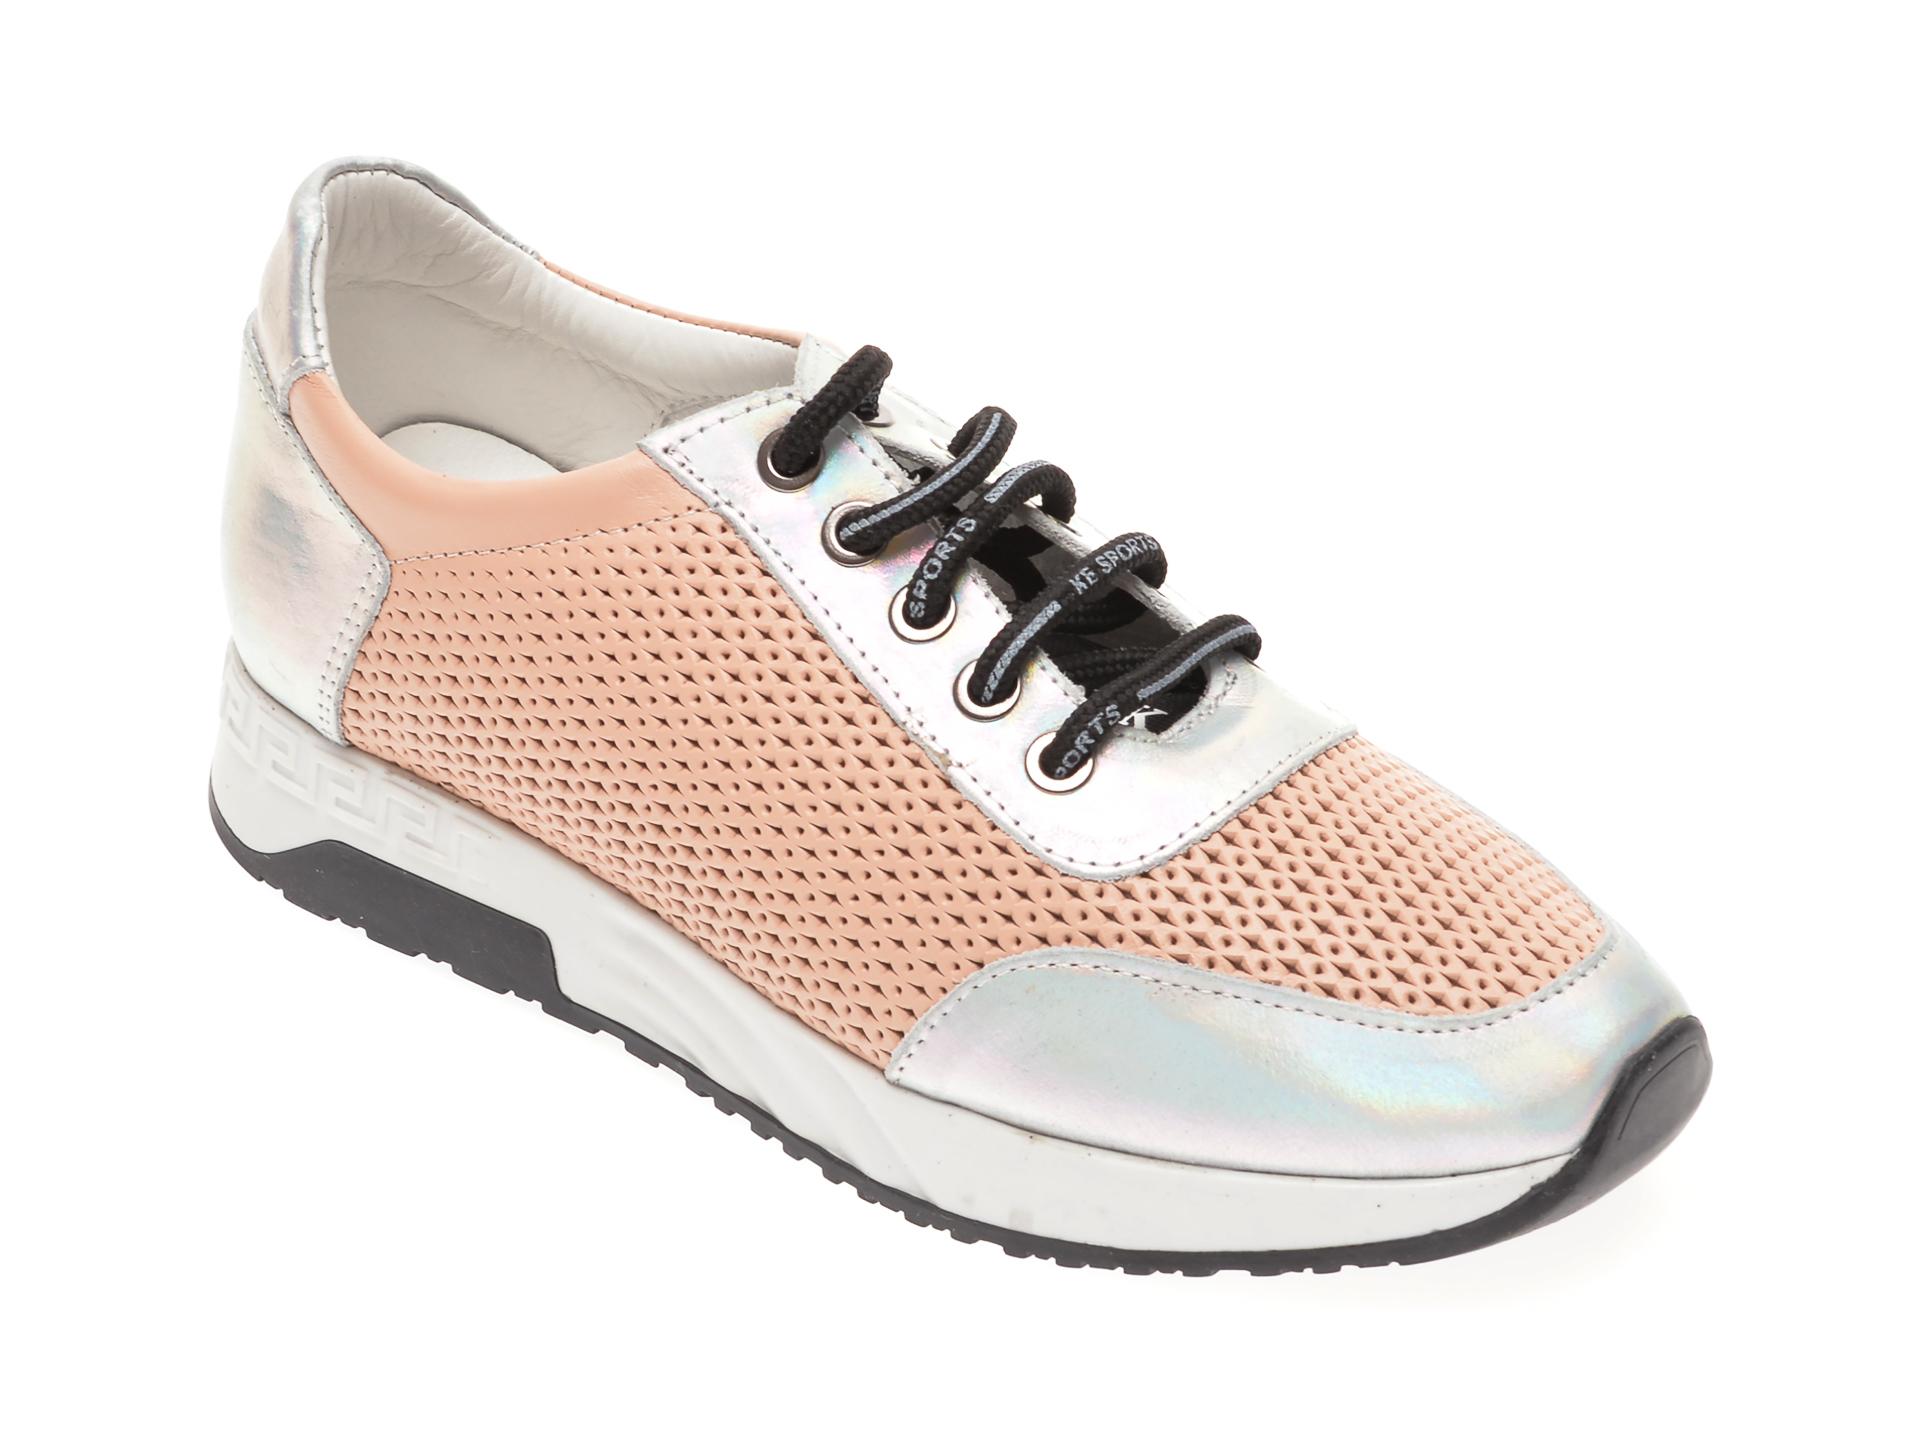 Pantofi sport FLAVIA PASSINI nude, 6190315, din piele naturala